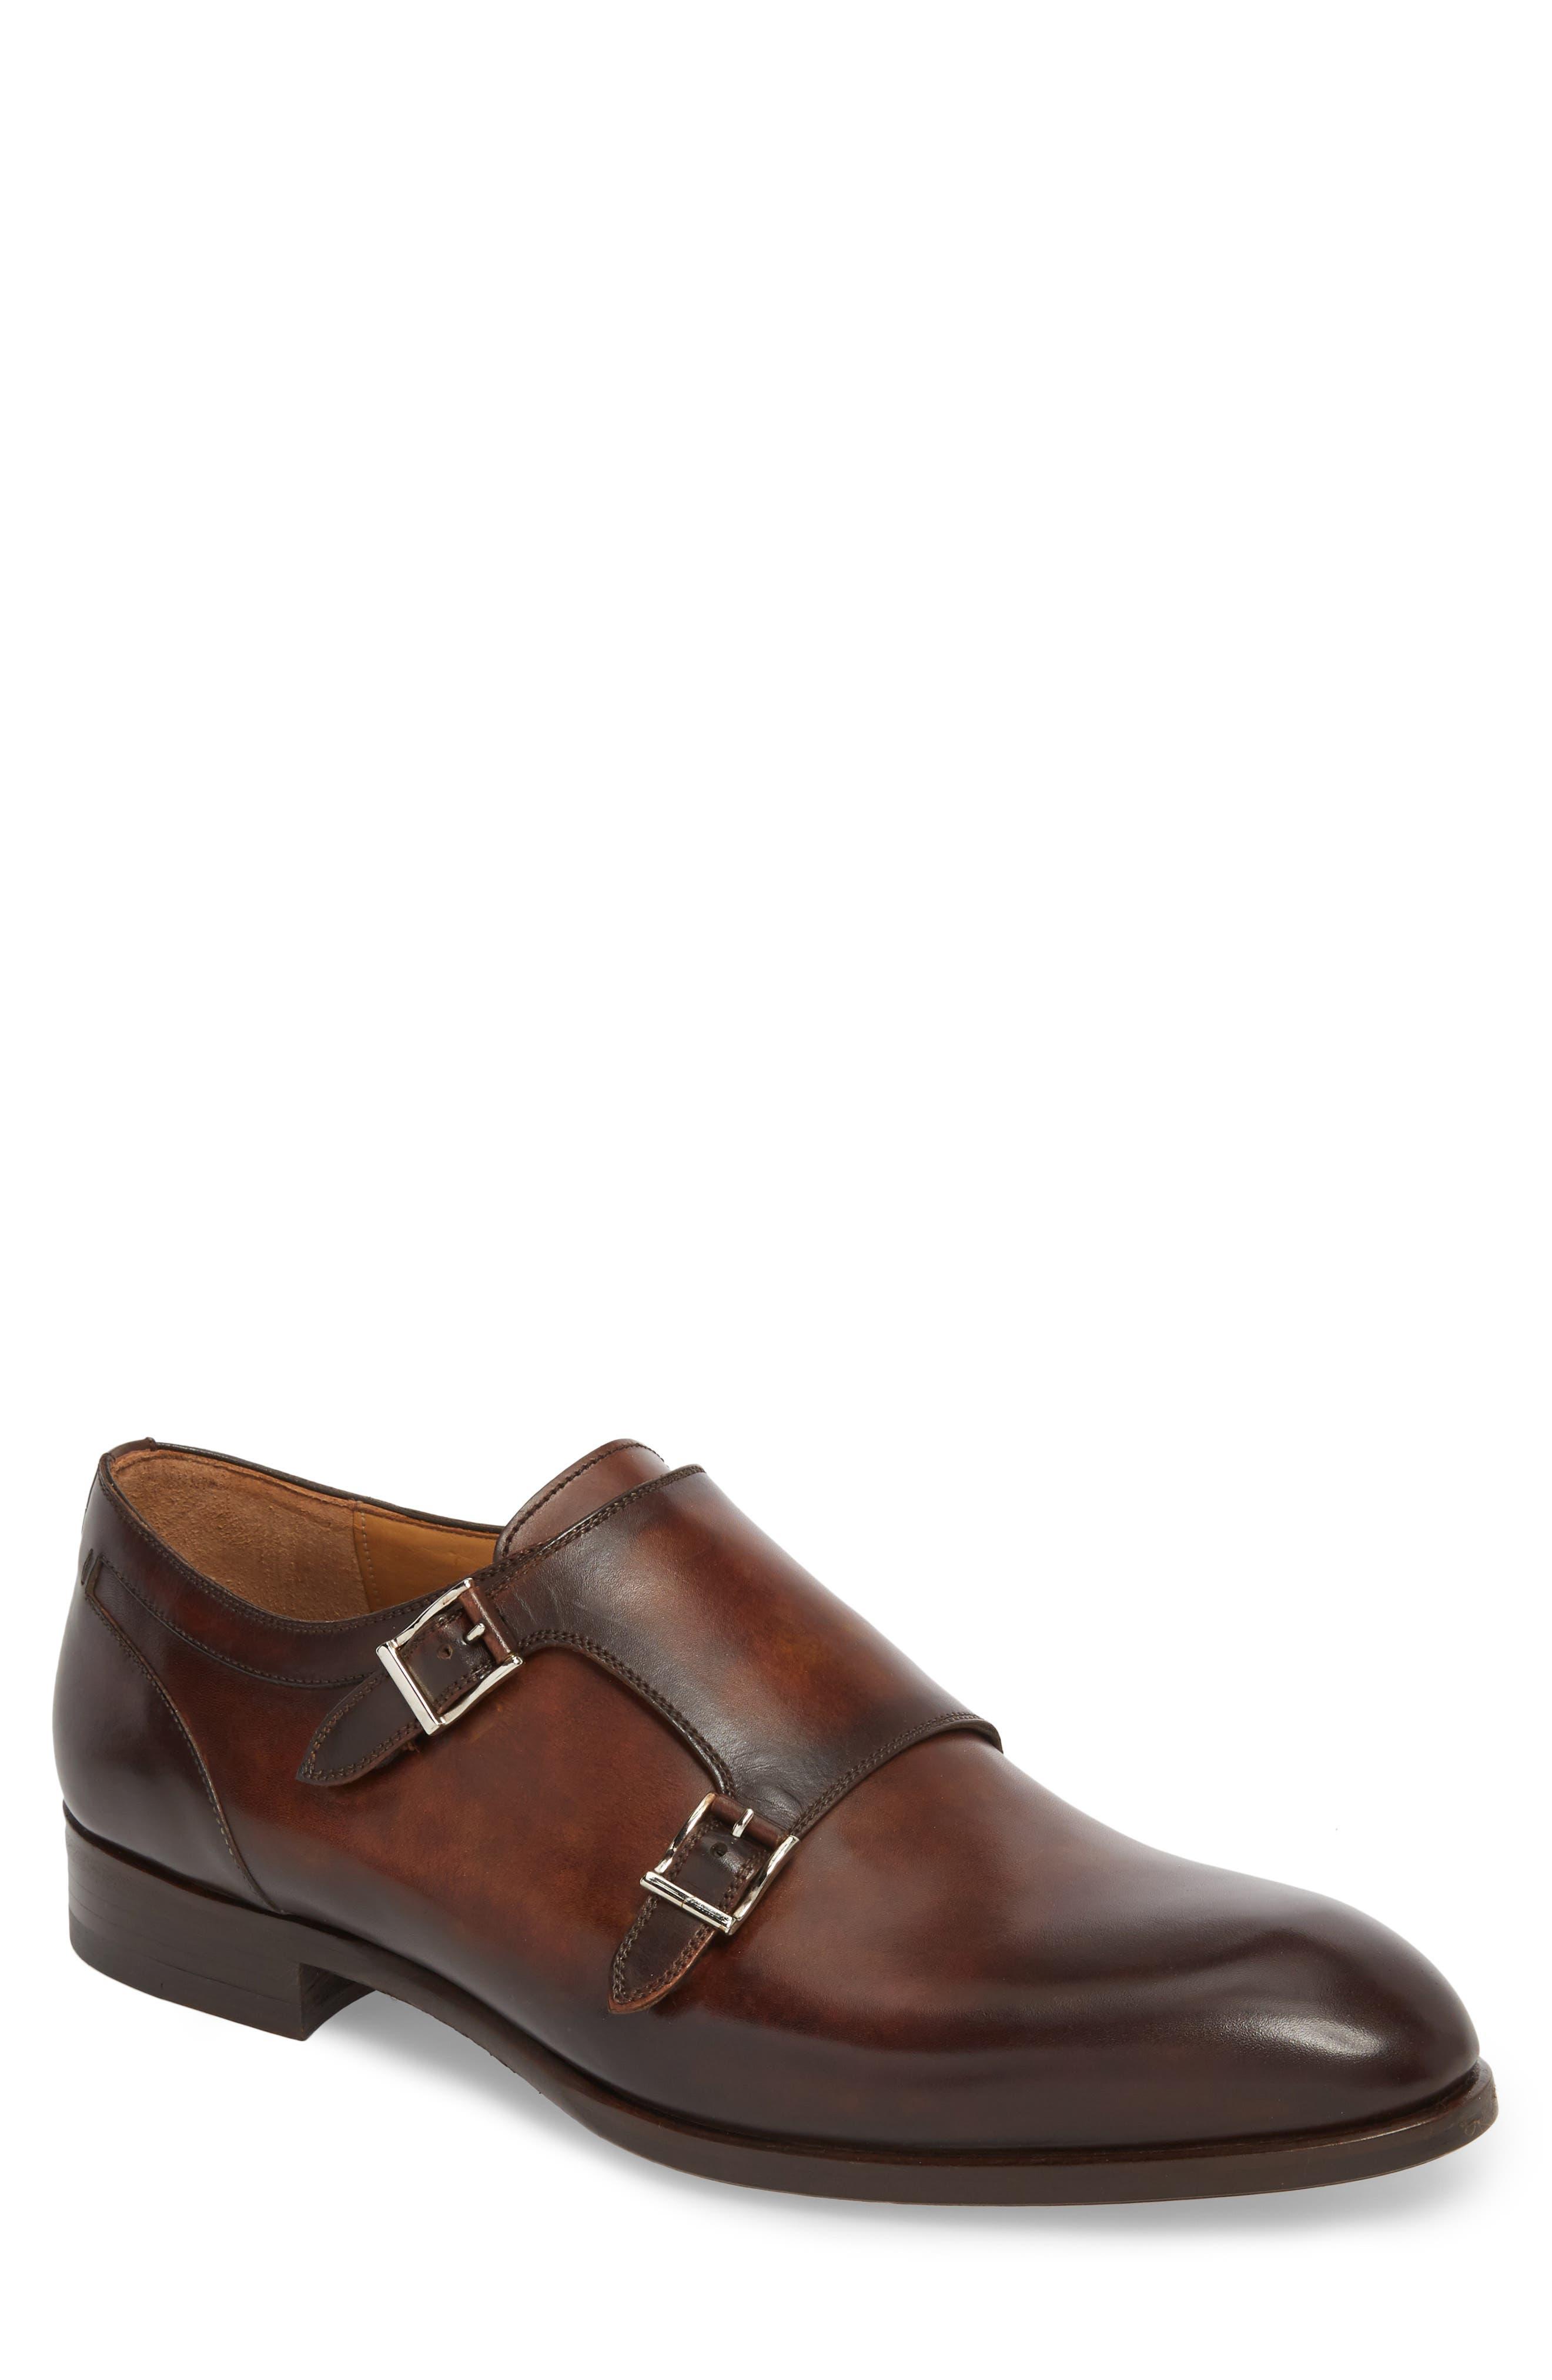 Magnanni Pratt Double Strap Monk Shoe (Men)